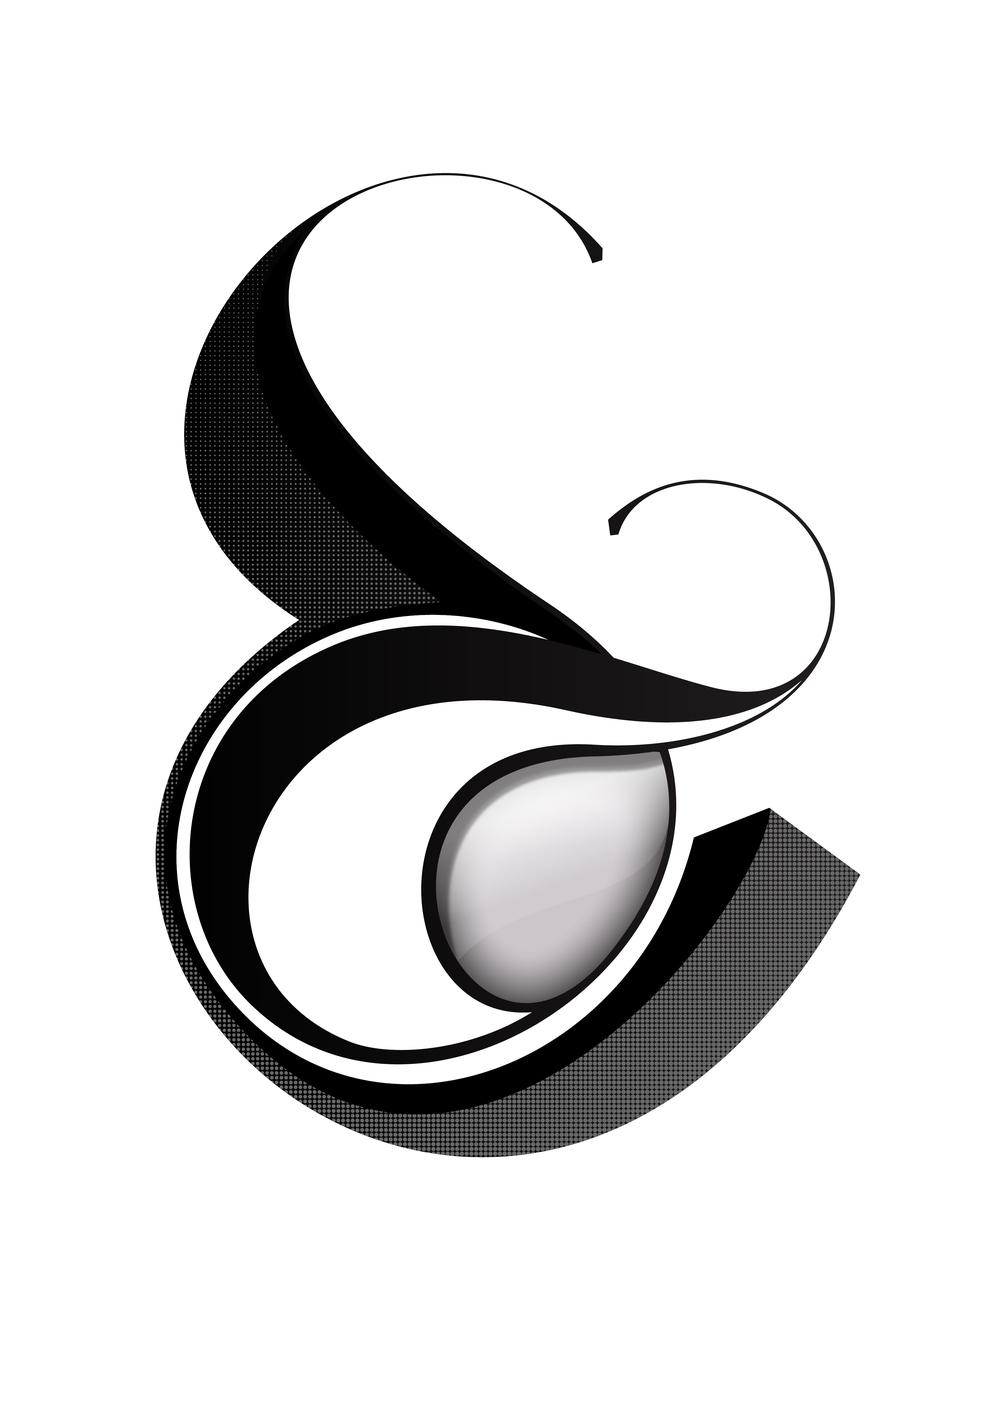 Playful-ampersand-moshik-nadav-typography-10.jpg